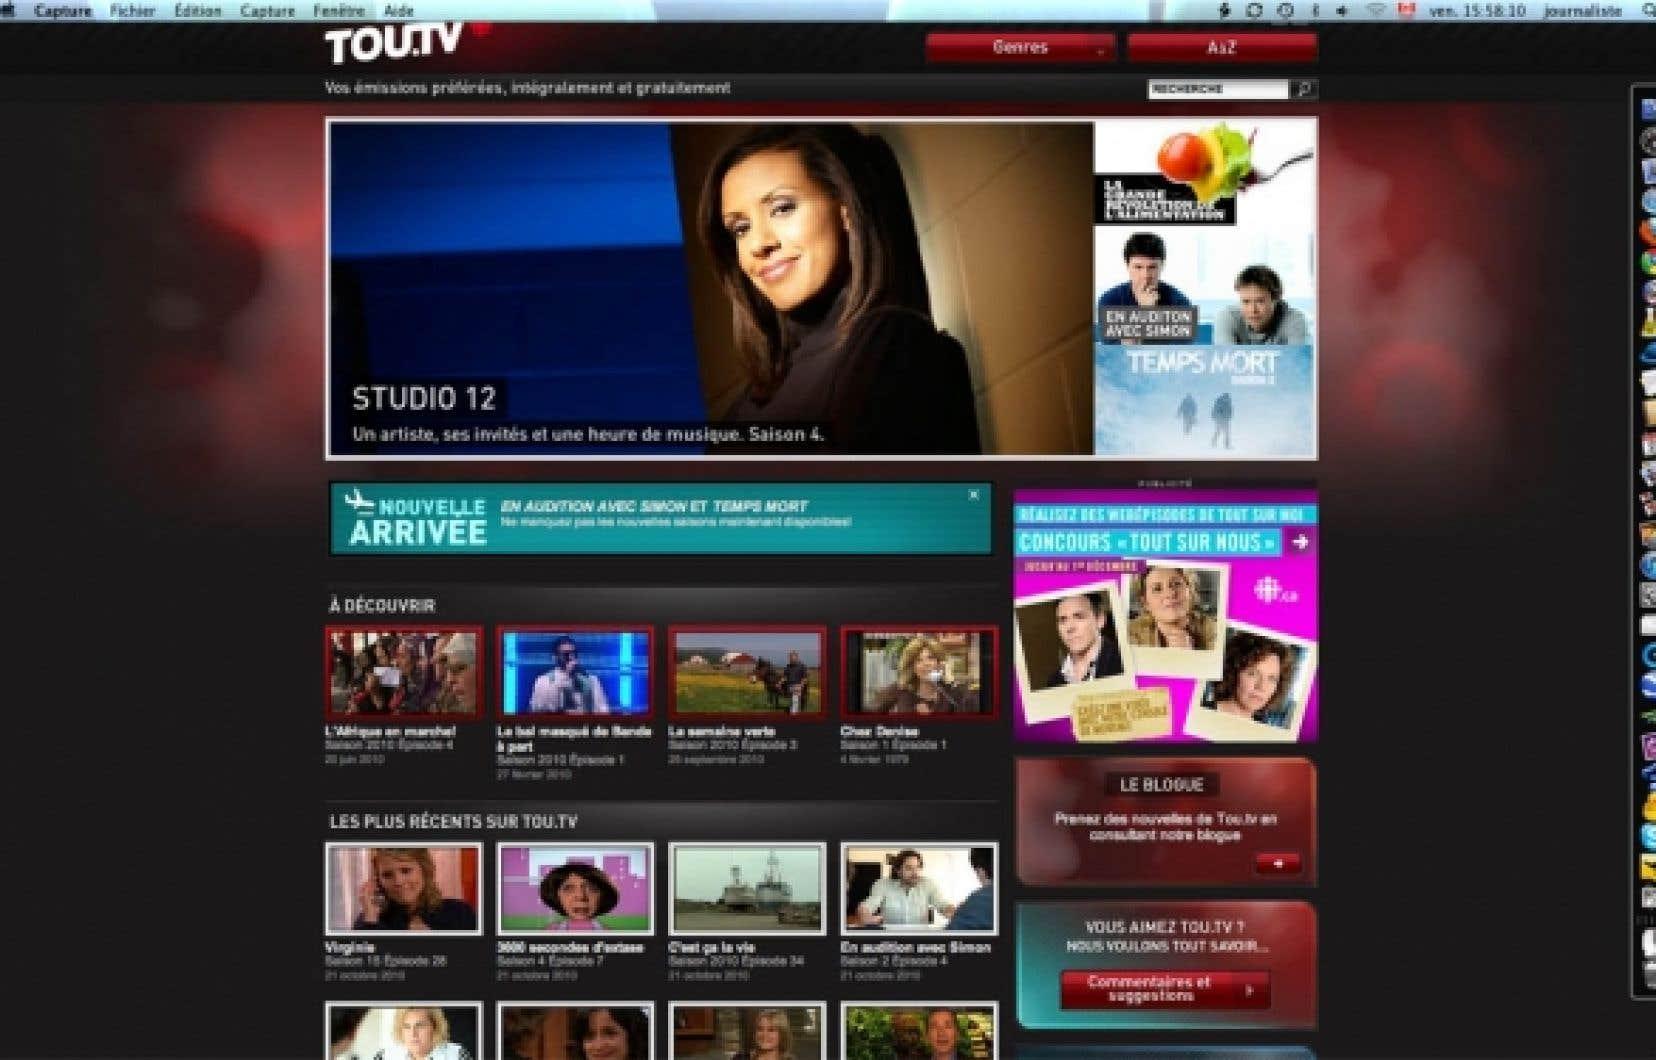 En neuf mois seulement, Tou.tv a g&eacute;n&eacute;r&eacute; 18 millions de branchements, dont la moiti&eacute; des adultes de 18 &agrave; 35 ans.<br />